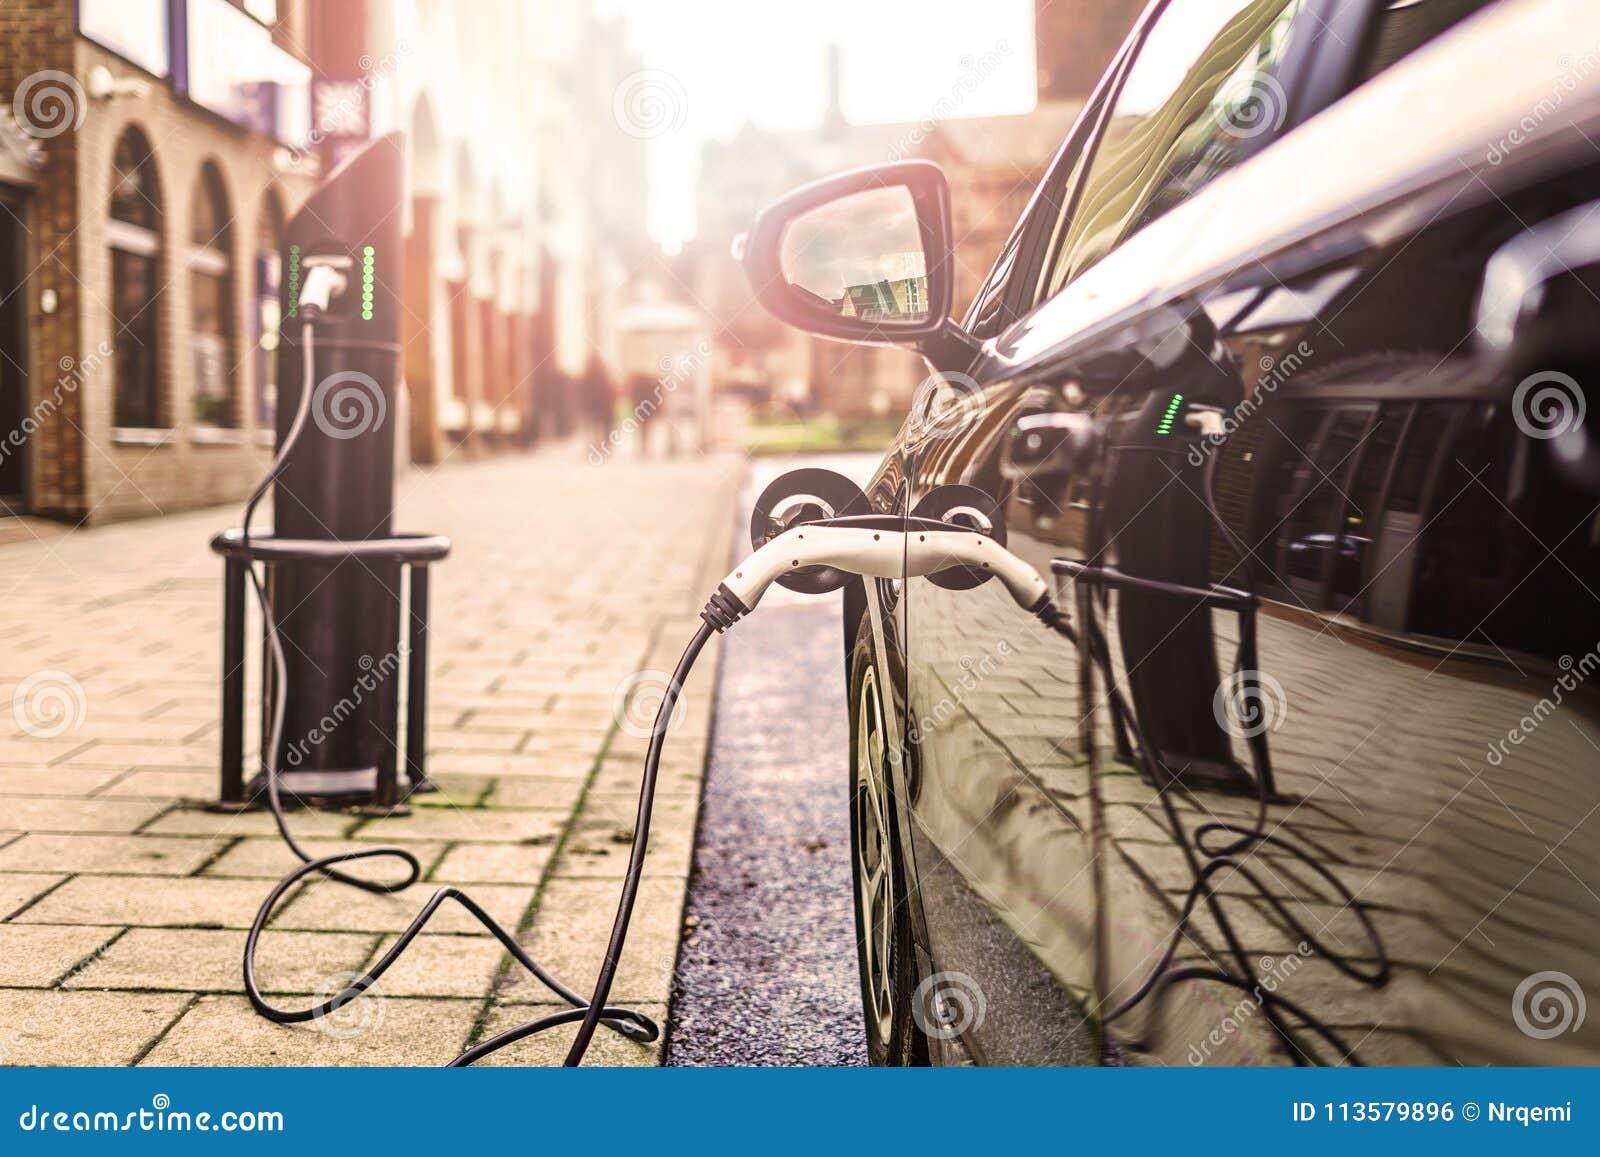 Veículo elétrico que carrega na rua, no Reino Unido